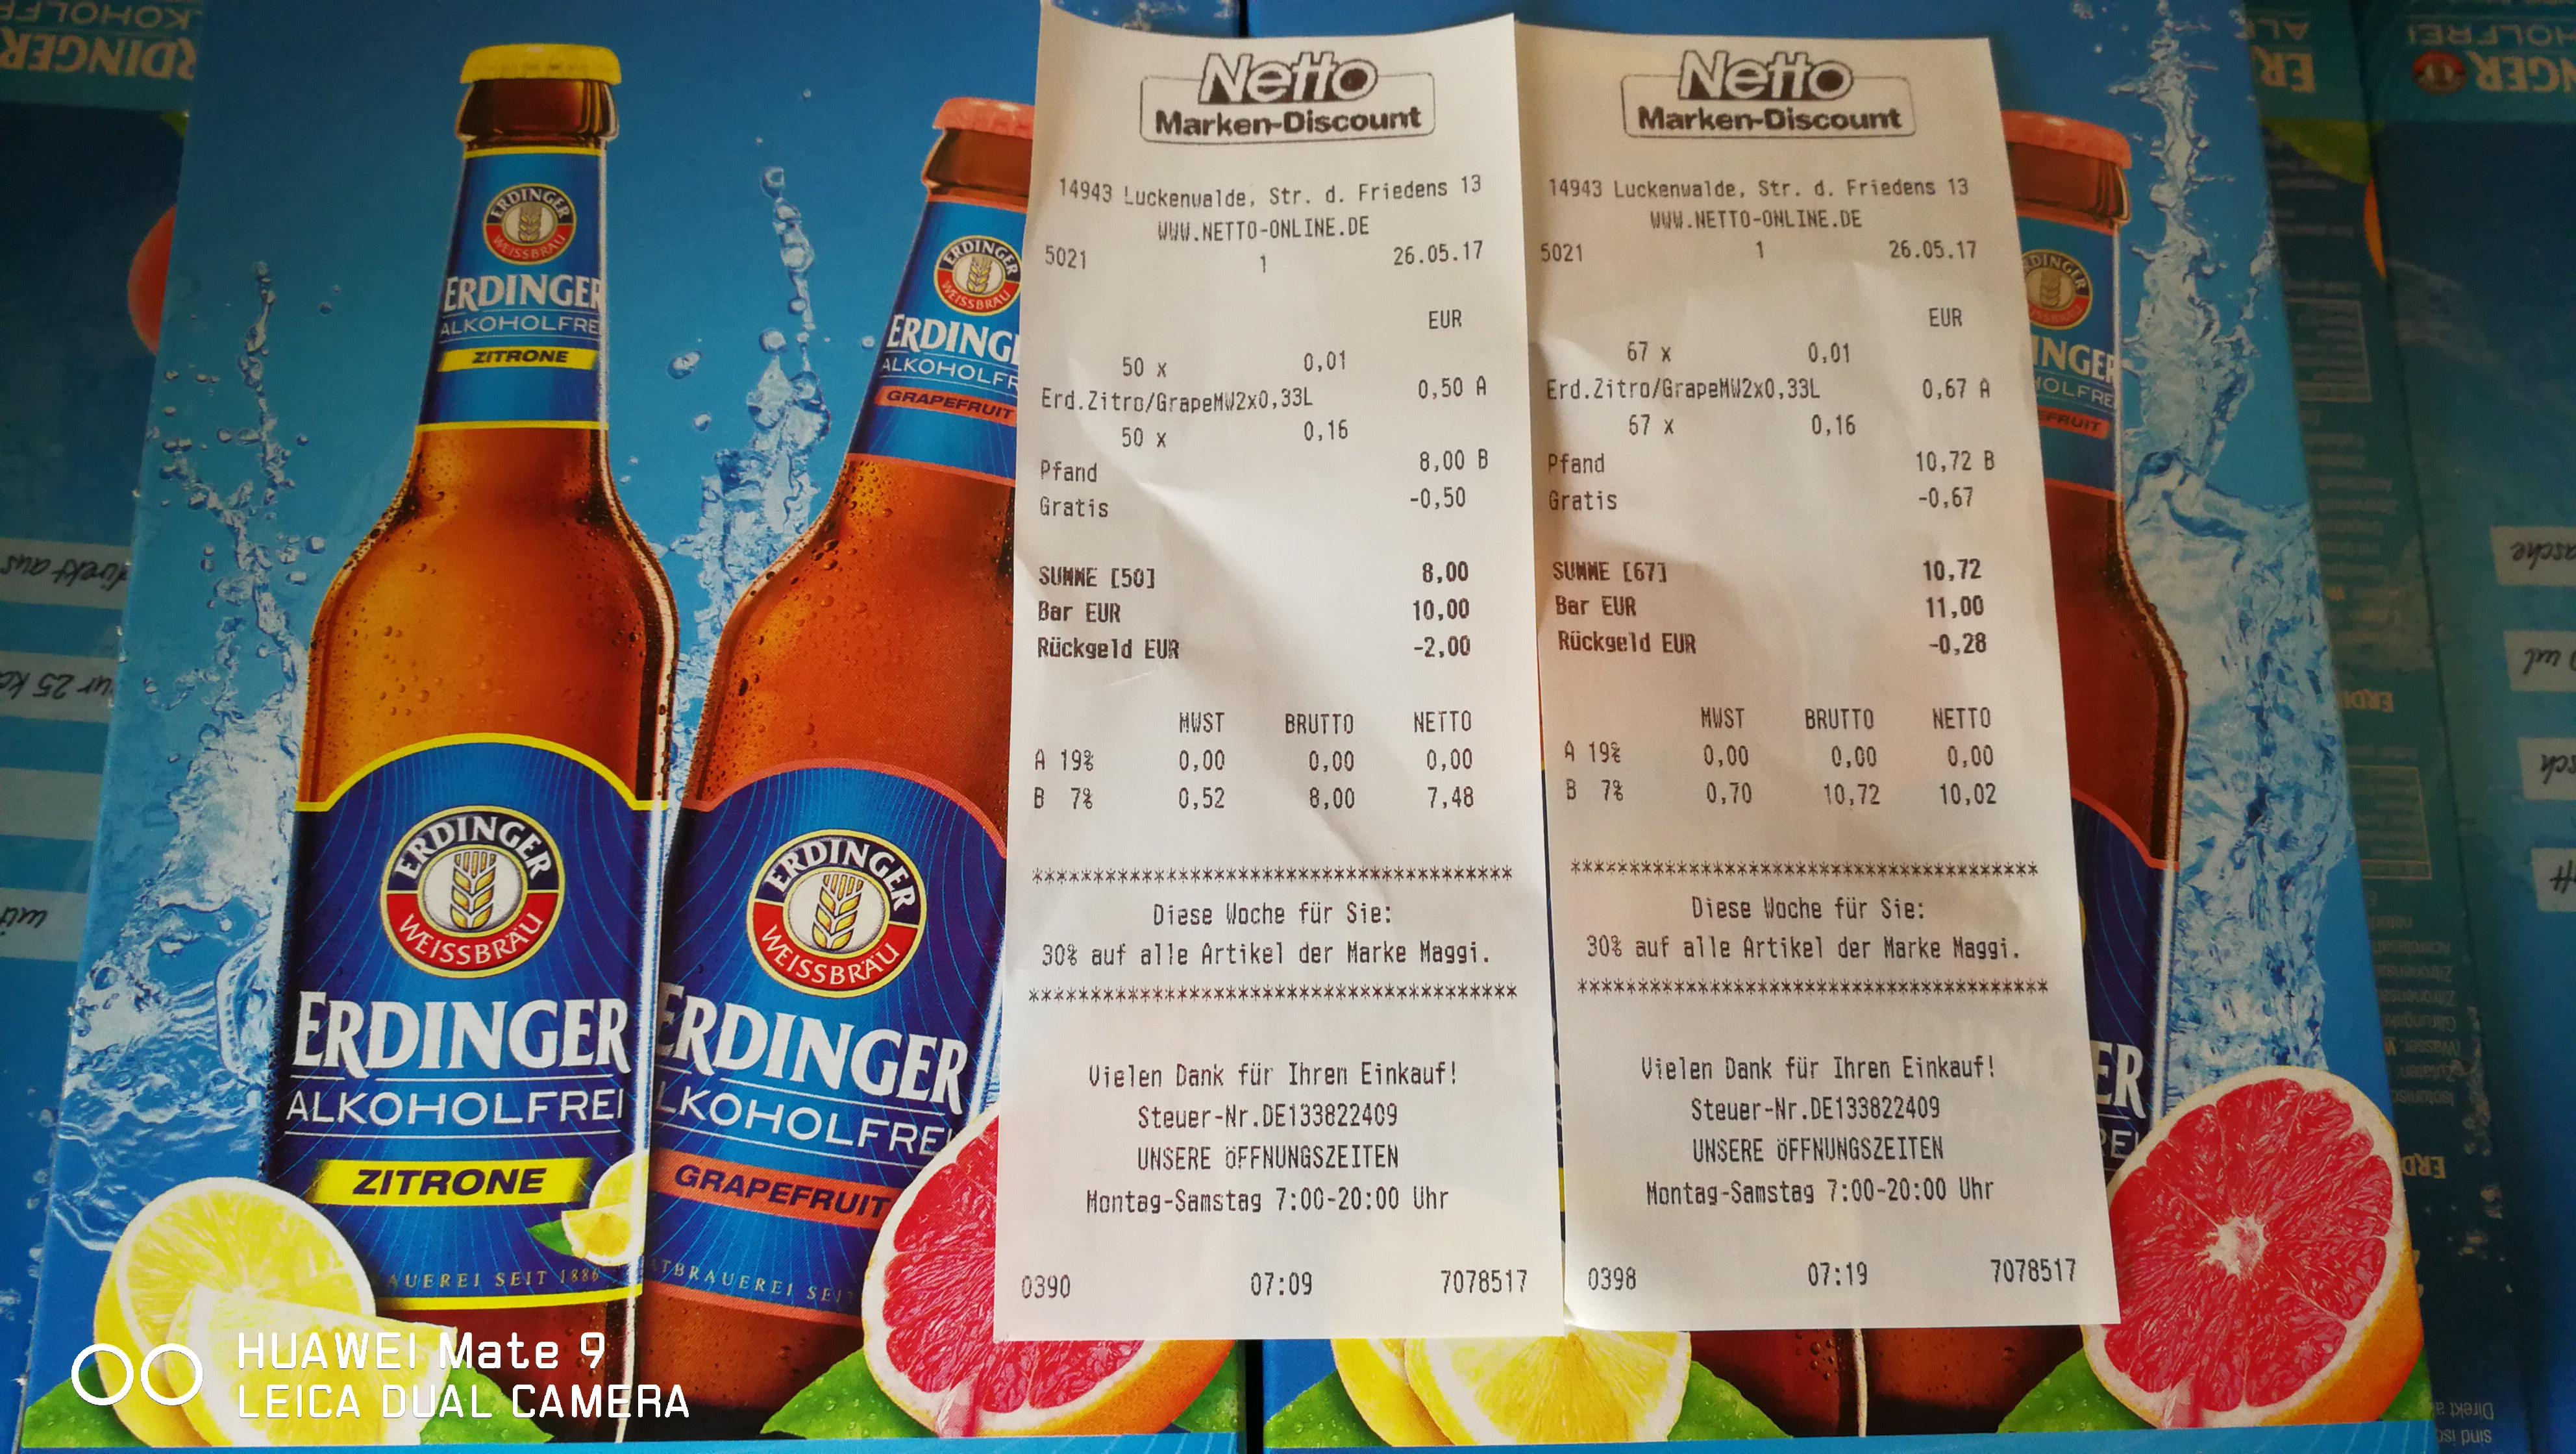 """(Restposten) """"Gratis"""" Erdinger Alkoholfrei Zitrone / Grapefruit (Netto Marken-Discount - der ohne Hund)"""